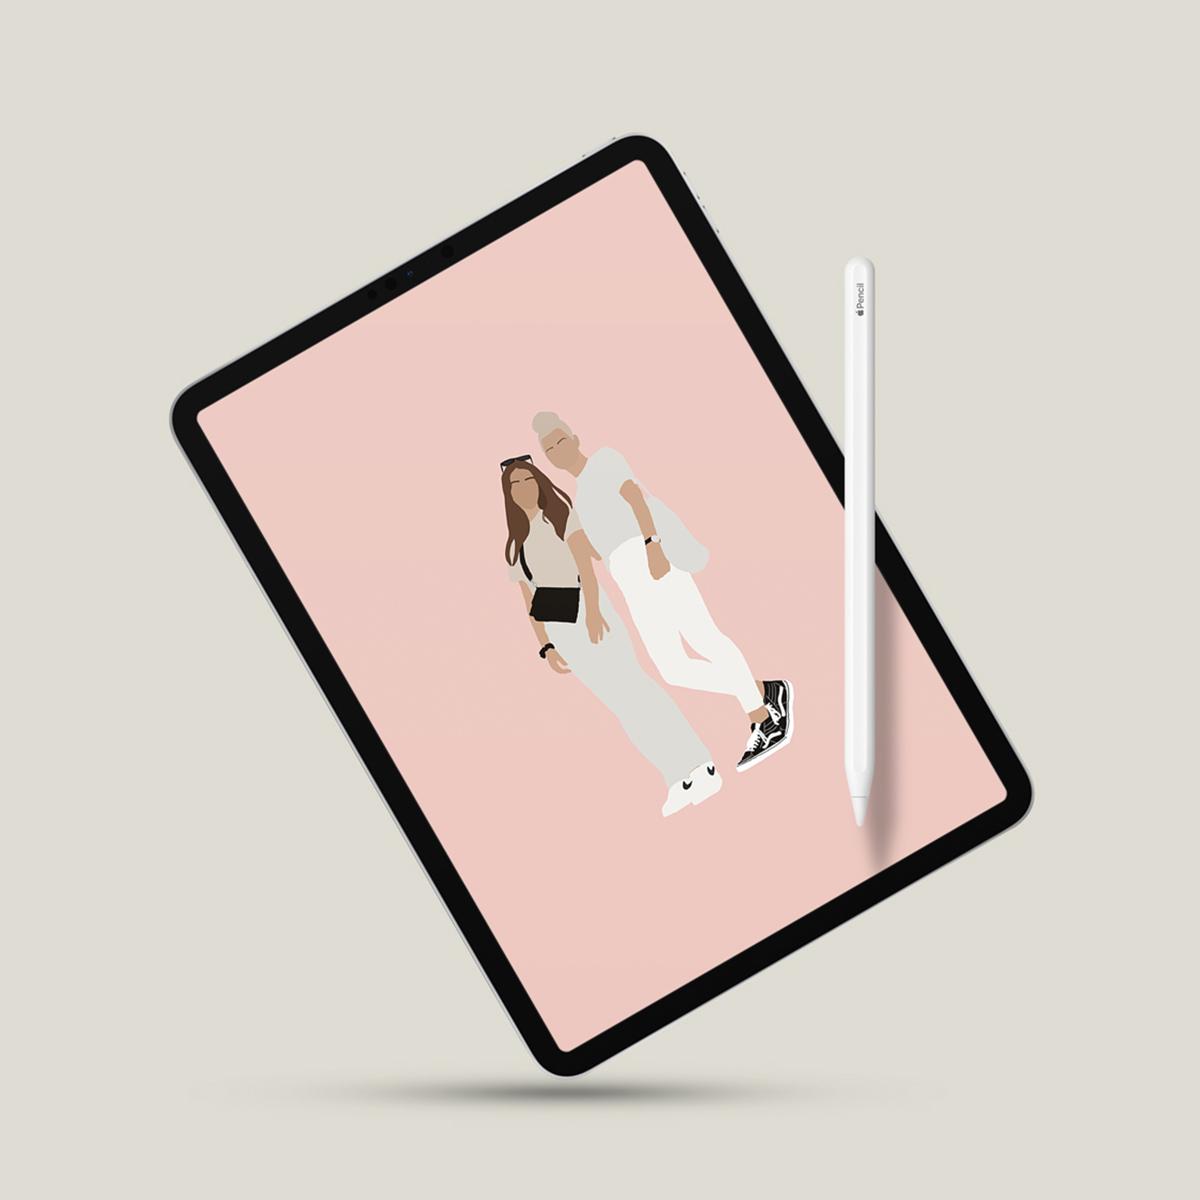 Antwerpen_iPad_femengab